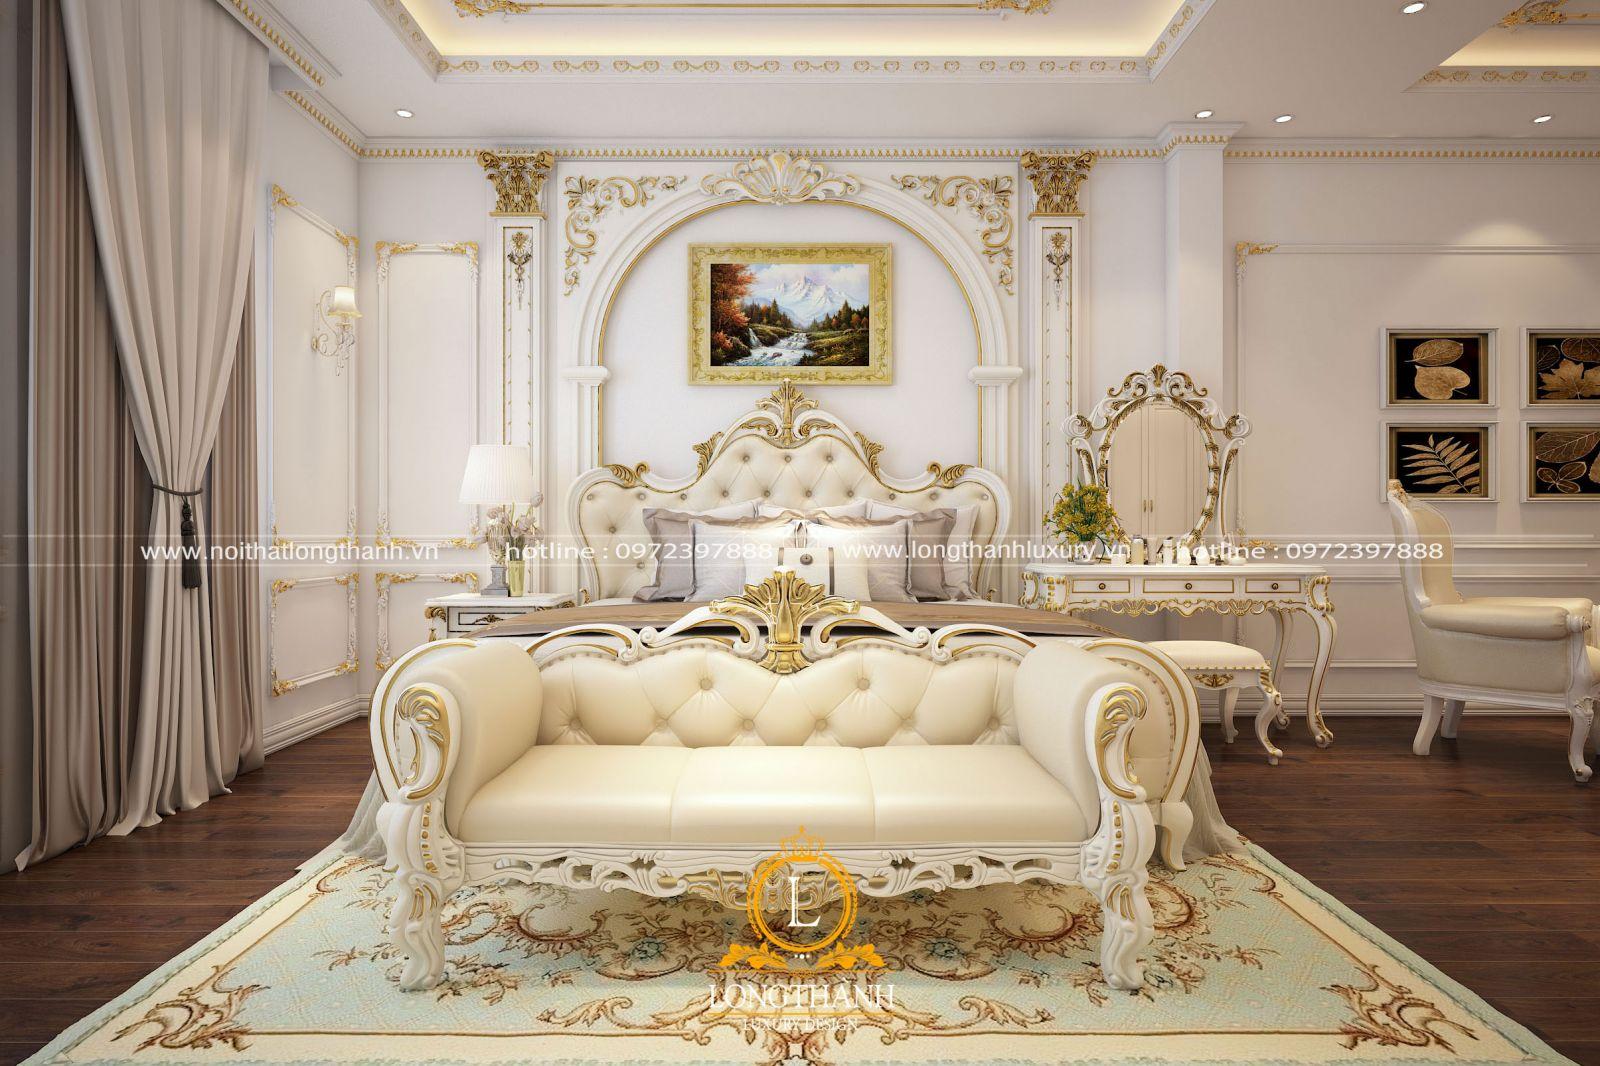 Màu trắng cho phòng ngủ biệt thự lộng lẫy